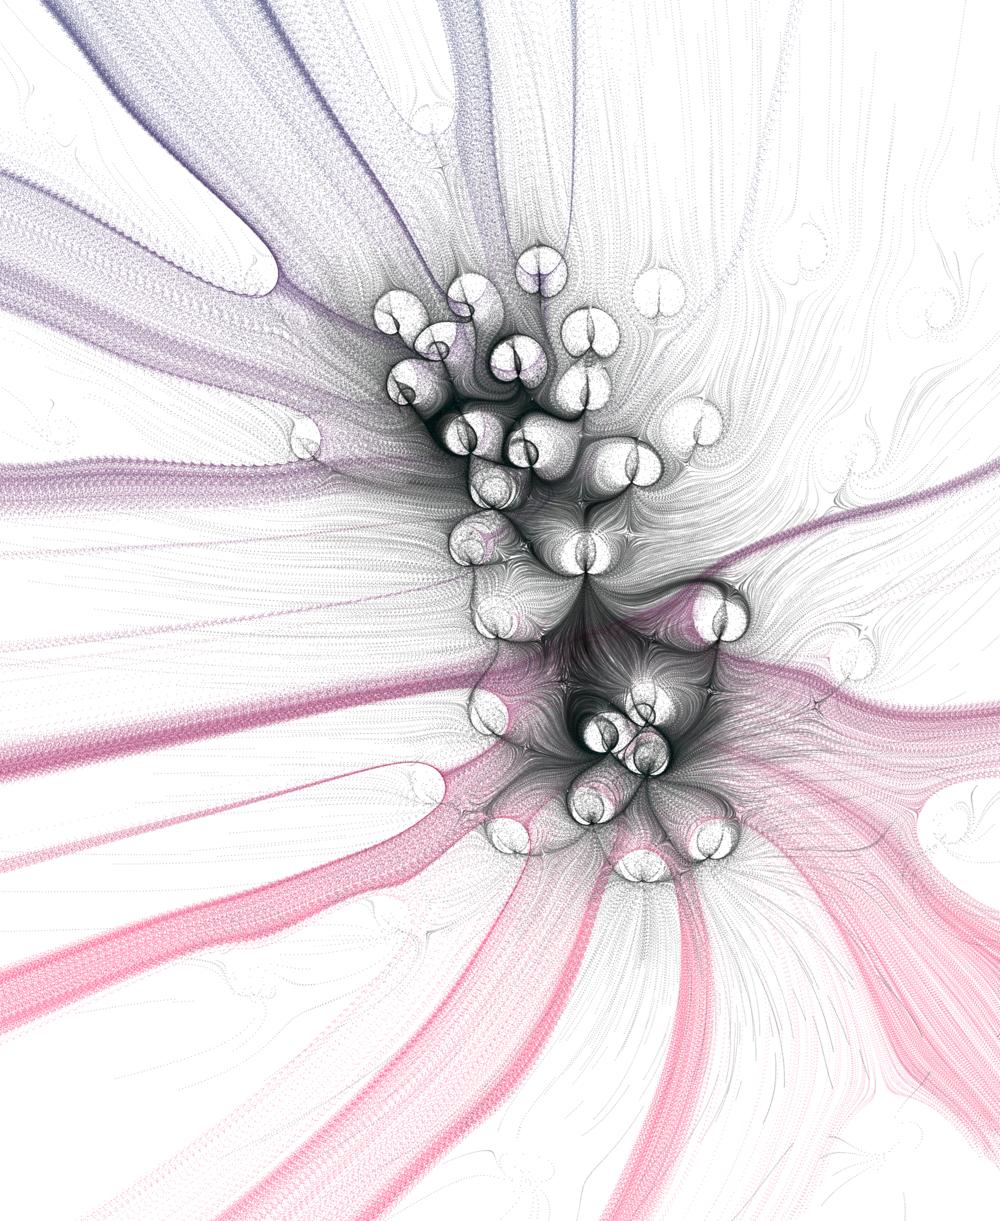 082712_JHN_pattern01_whiteBG.png